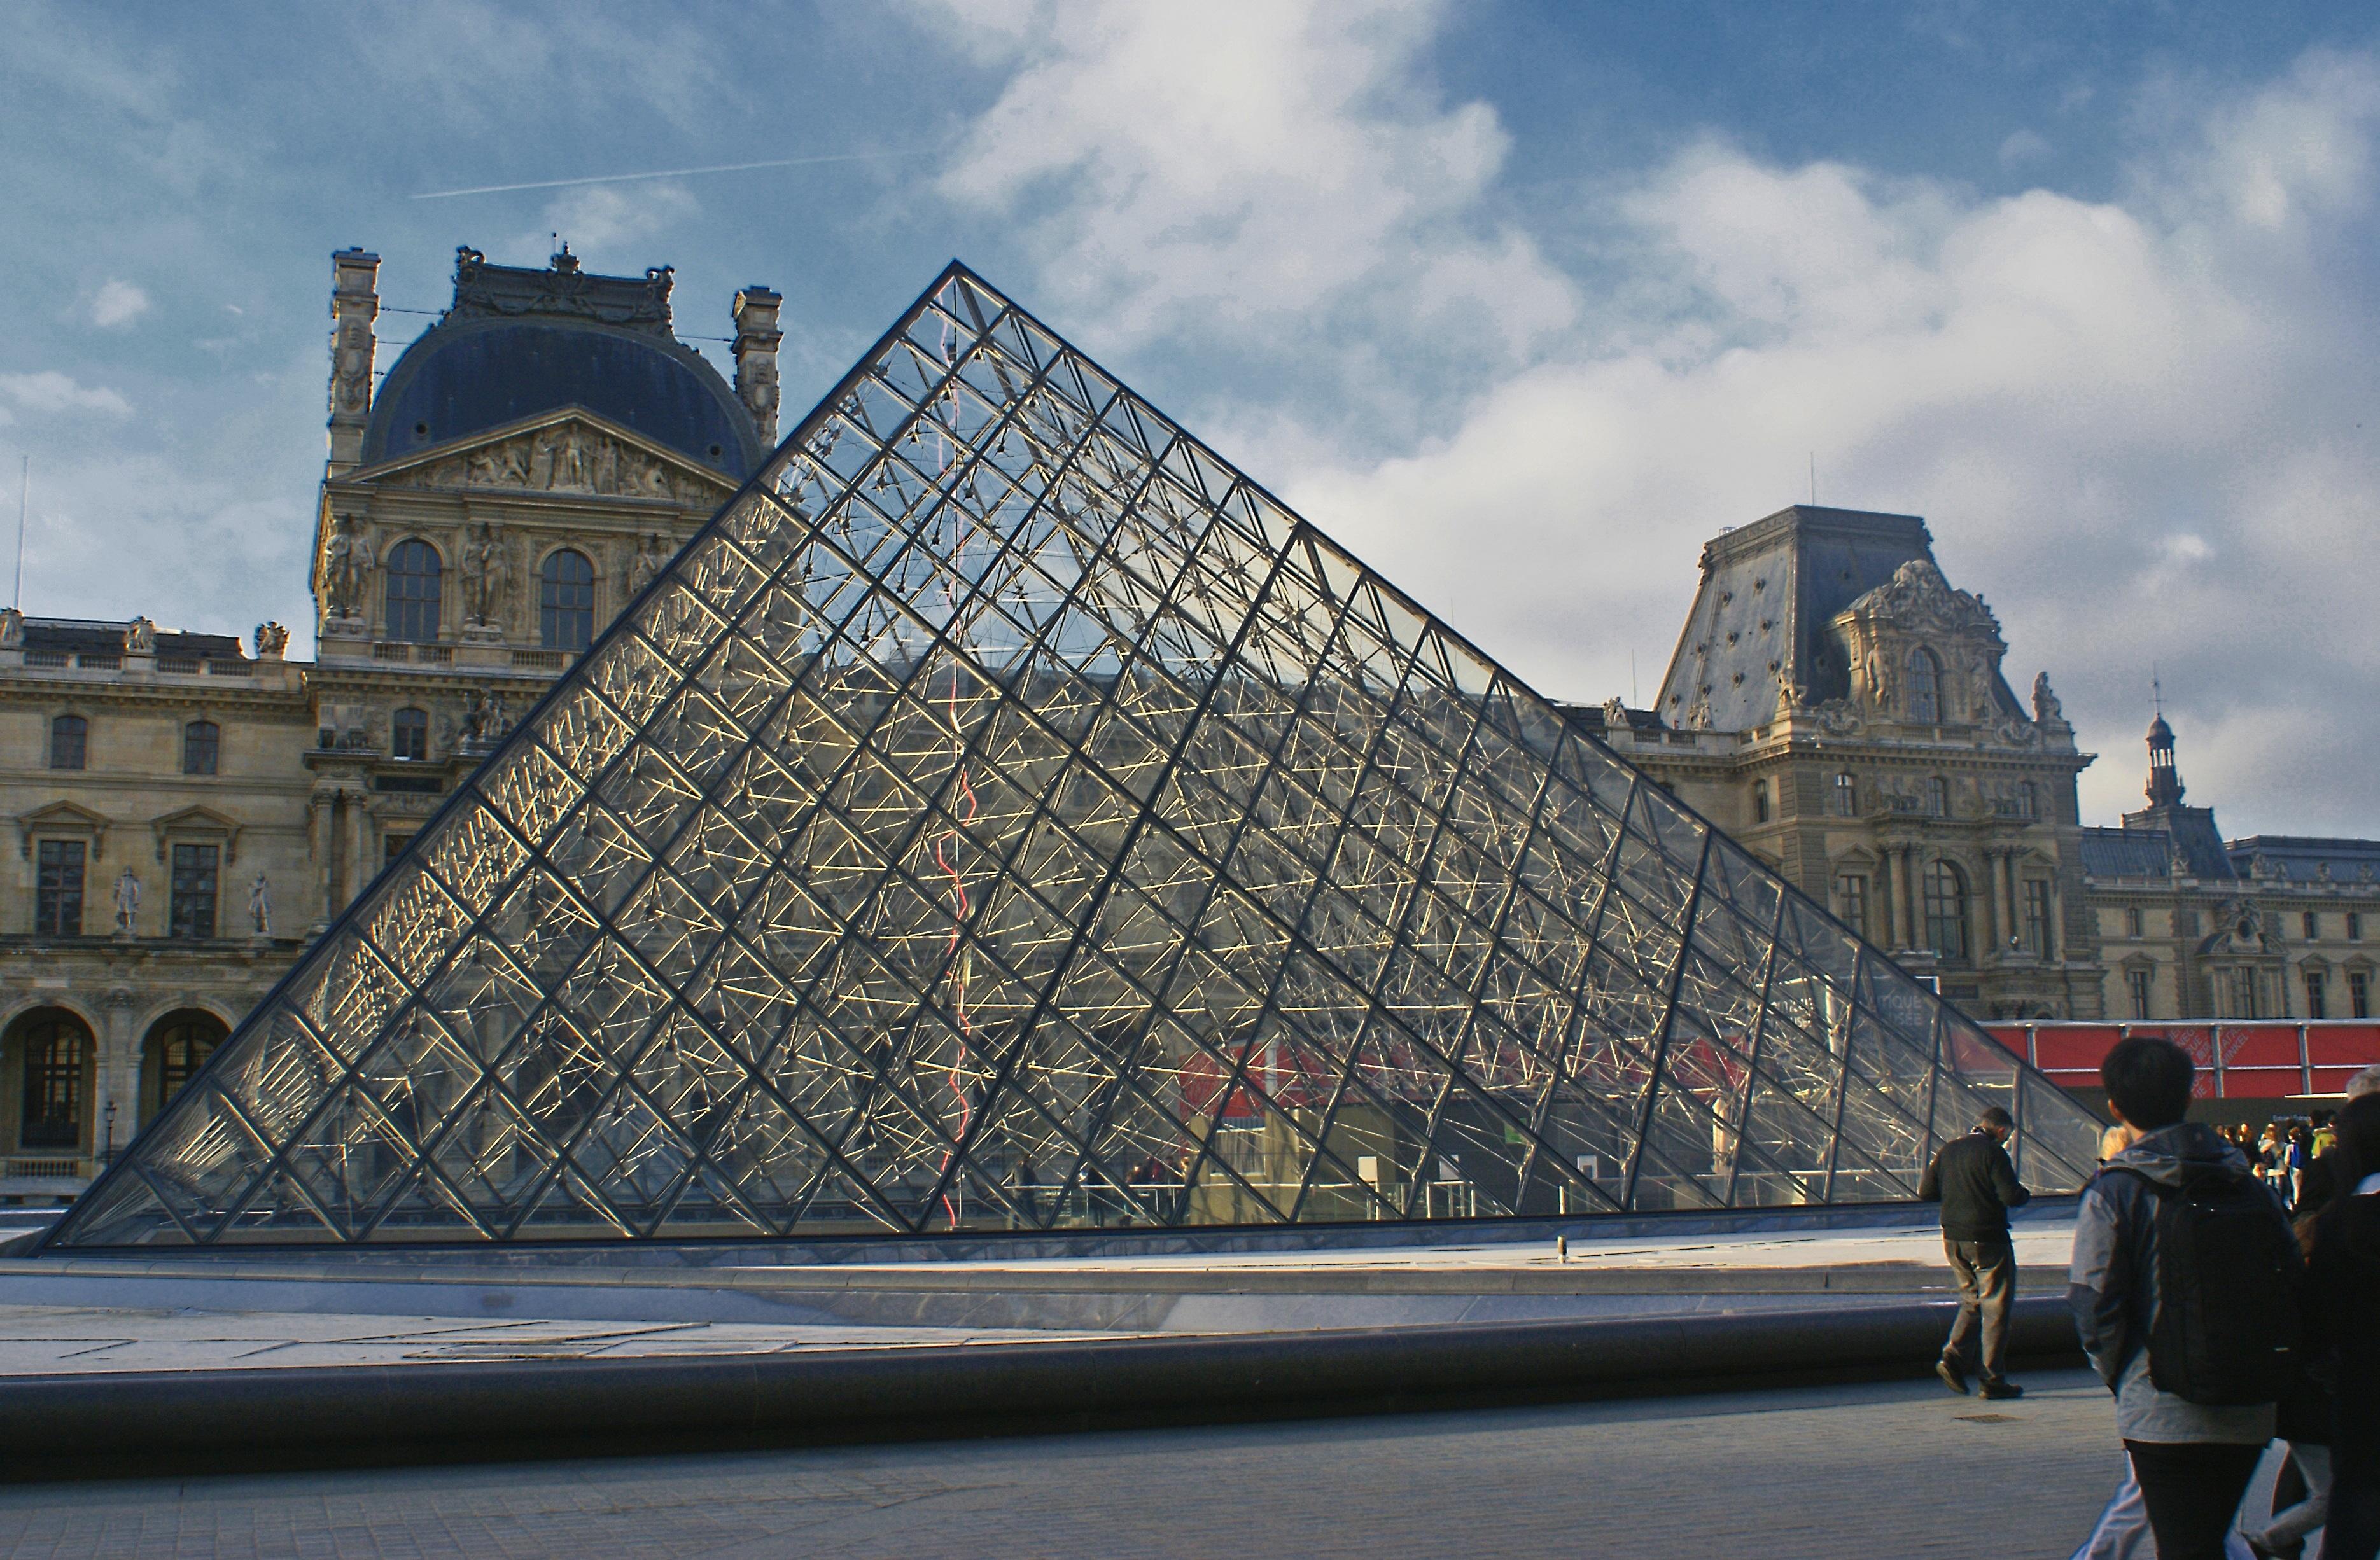 Stehlen Design kostenlose foto die architektur brücke glas gebäude stadt